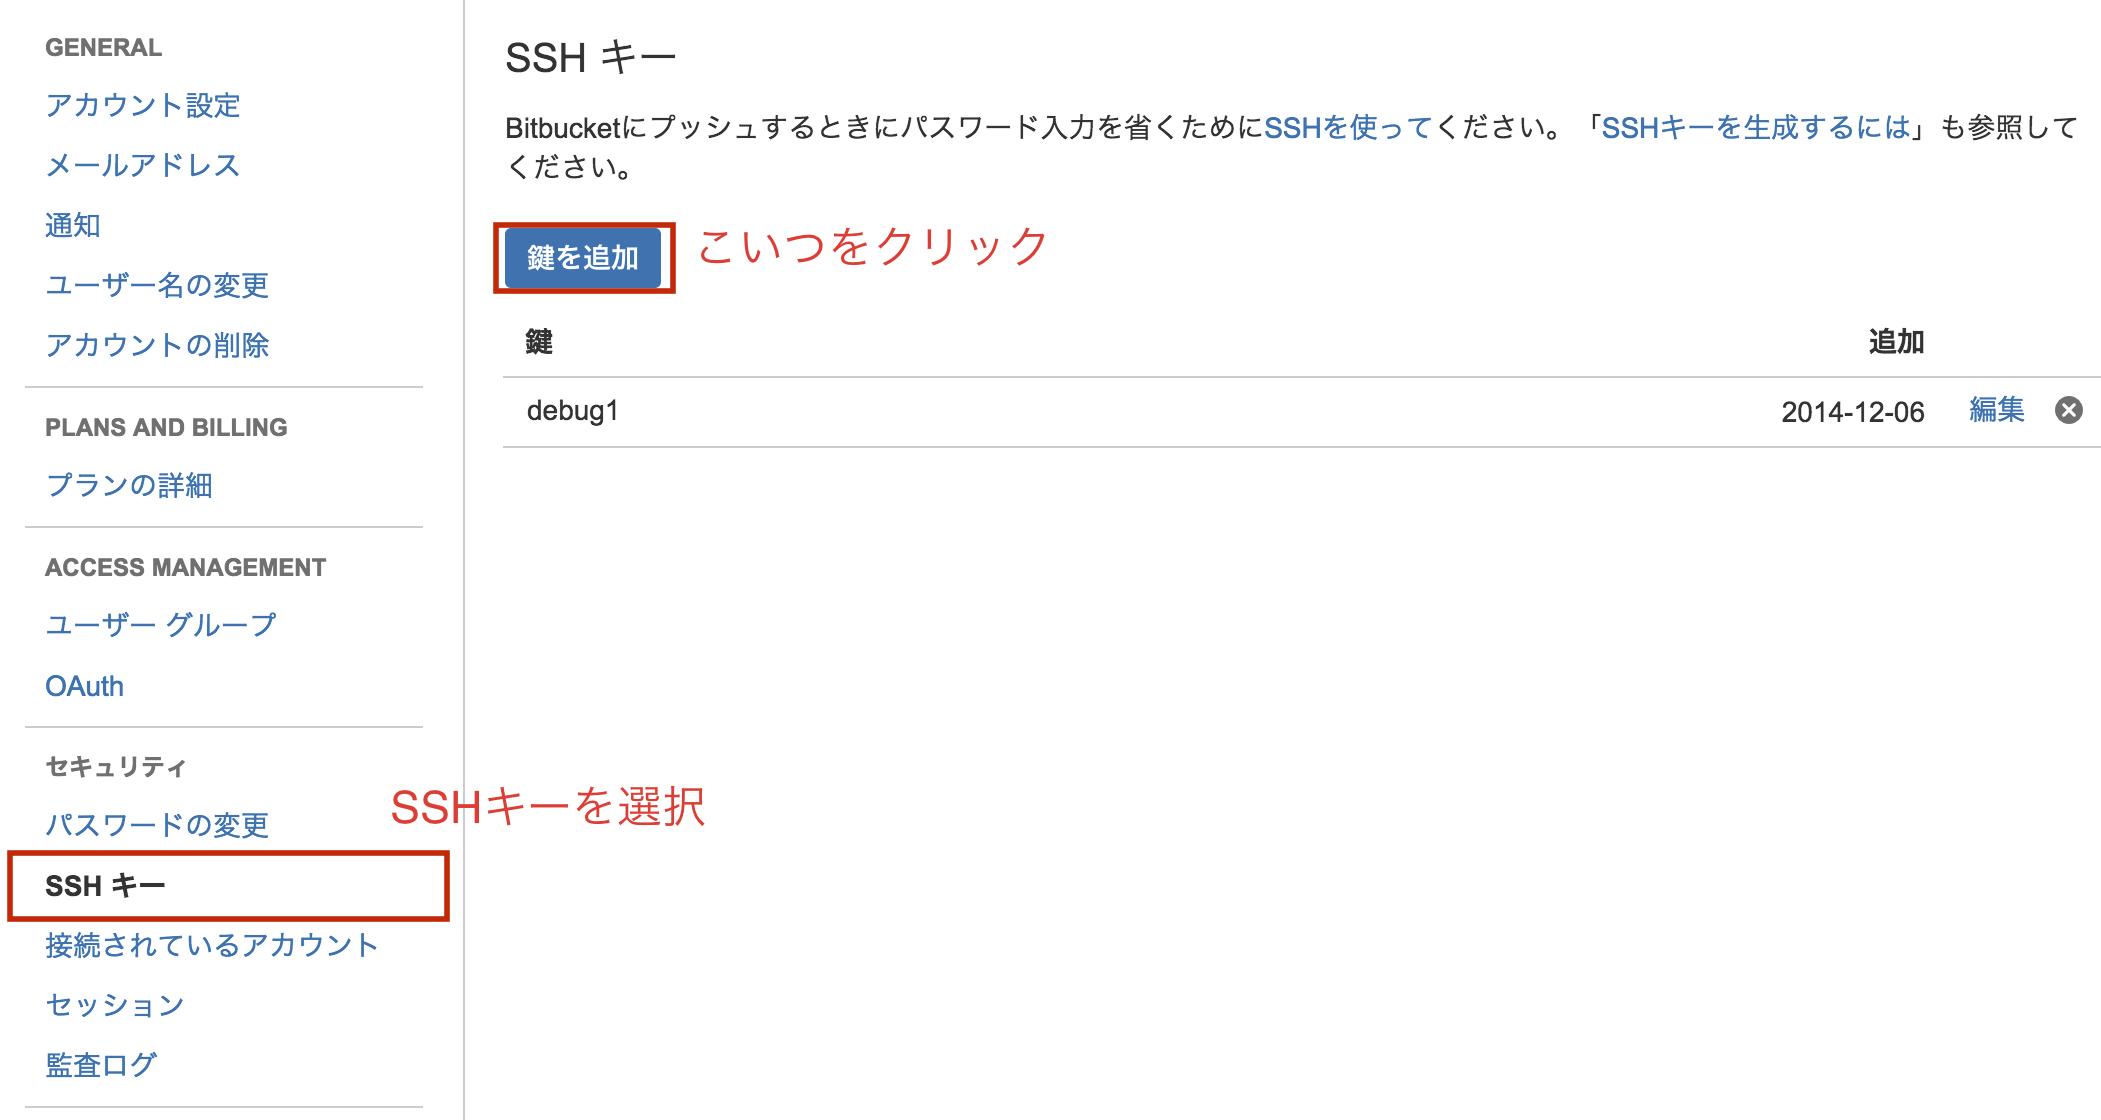 スクリーンショット 2015-05-10 8.58.37.png